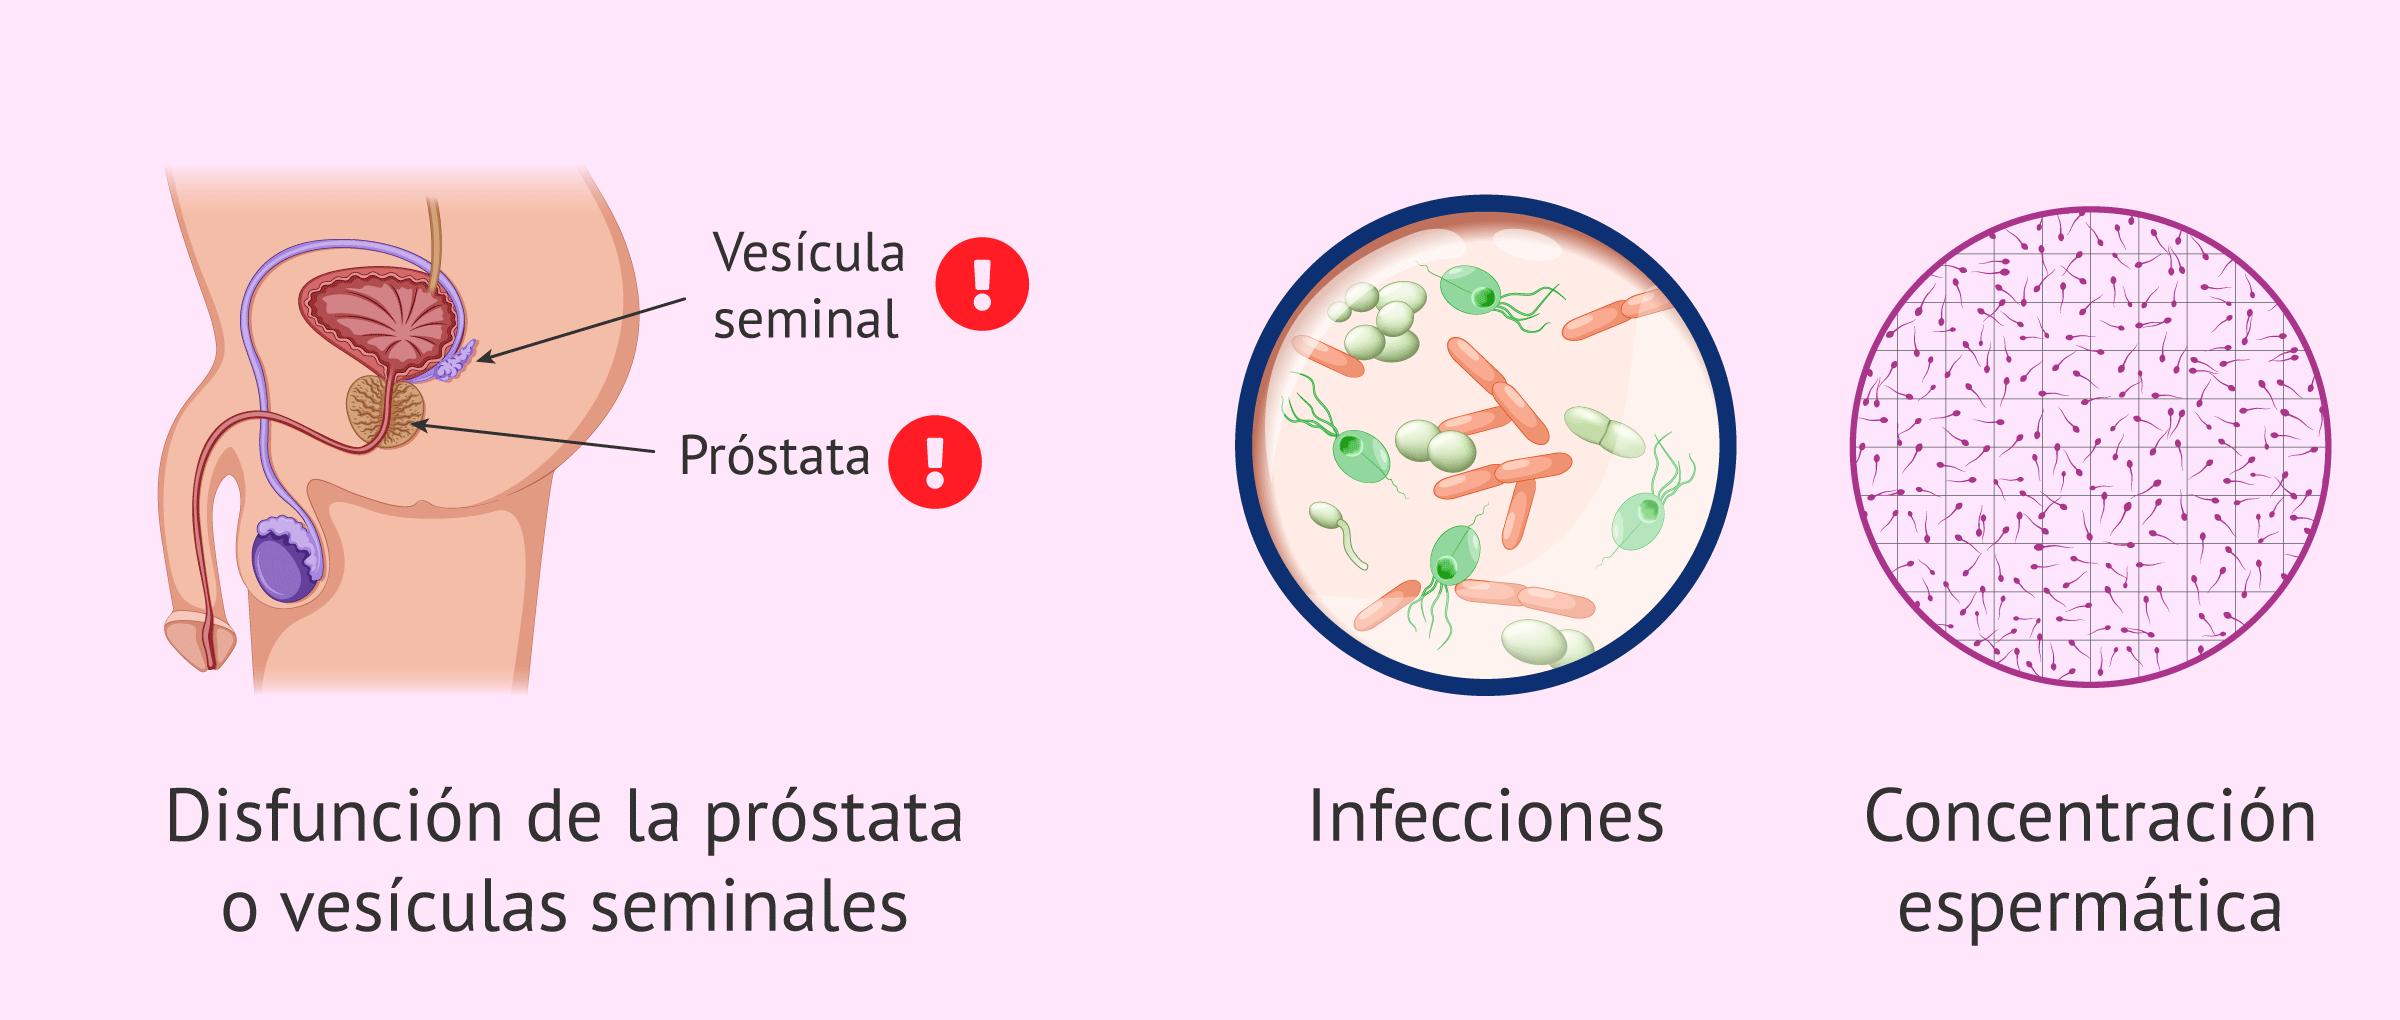 Causas de variación en la consistencia del esperma